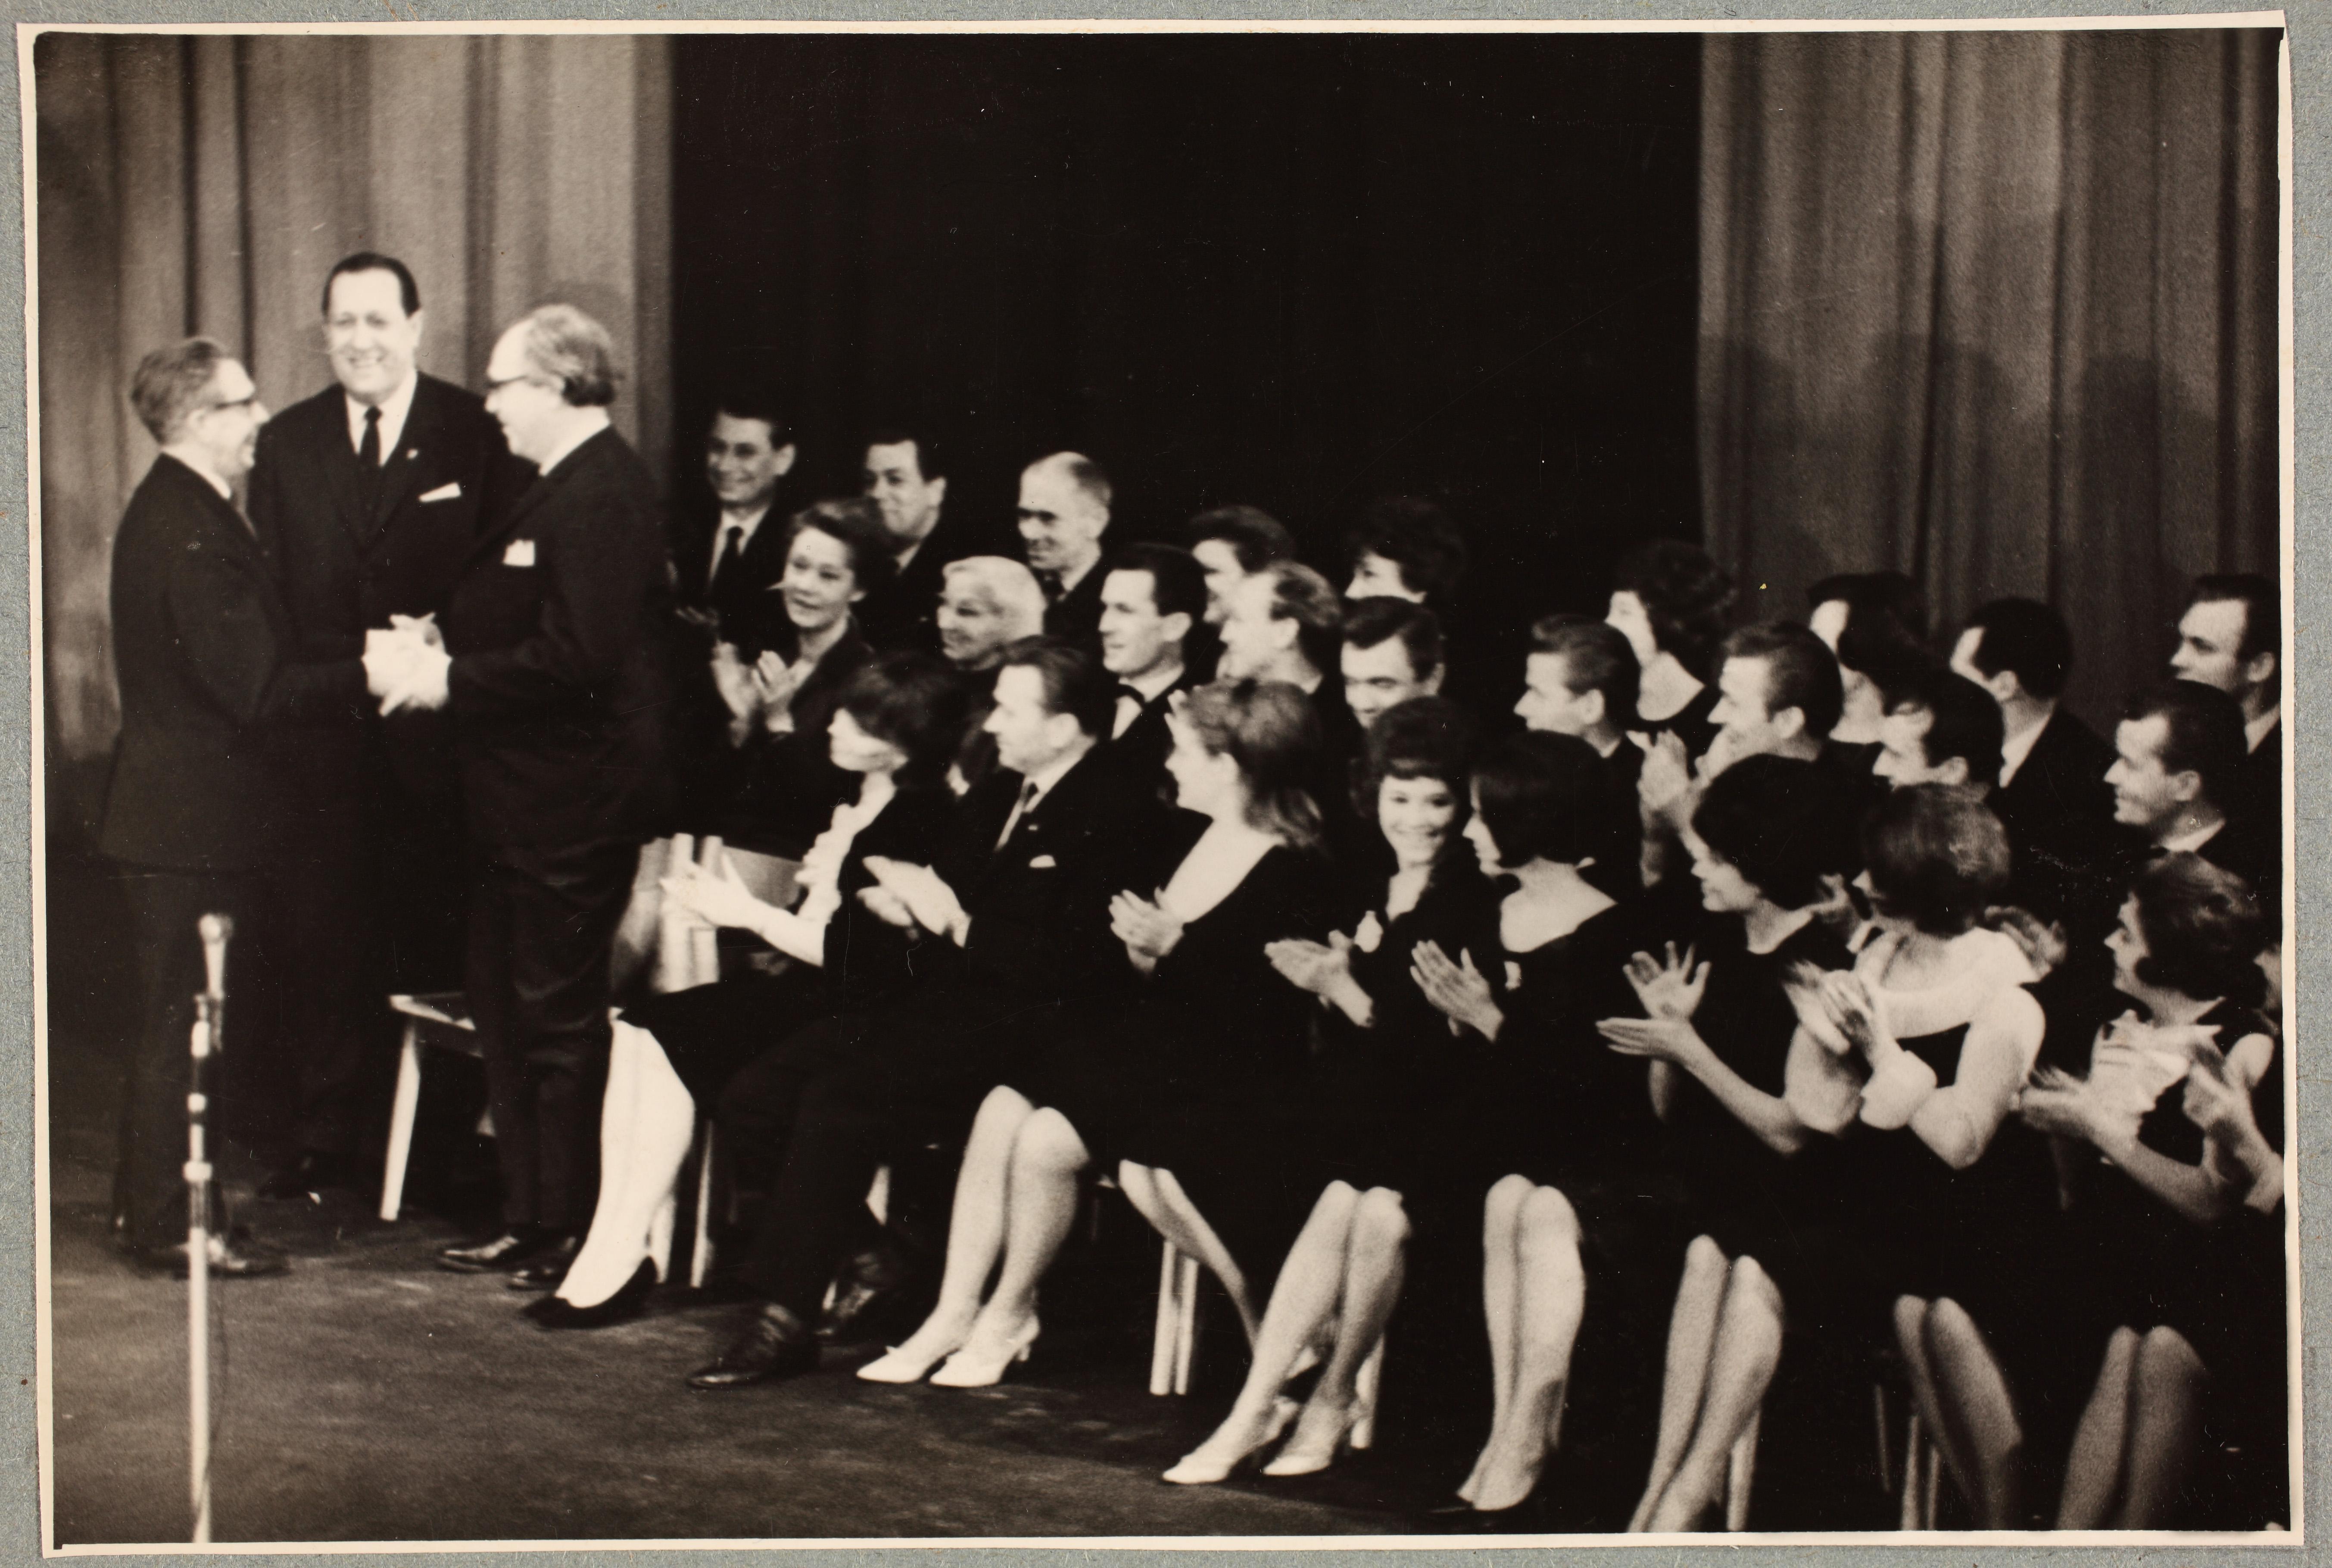 Teatri avamine 13. veebruaril 1966. Vasakult Kirjanike Liidu esimees Juhan Smuul, teatri direktor Eino Laks, lavastaja Voldemar Panso. ERA-R.0-2272.1.22